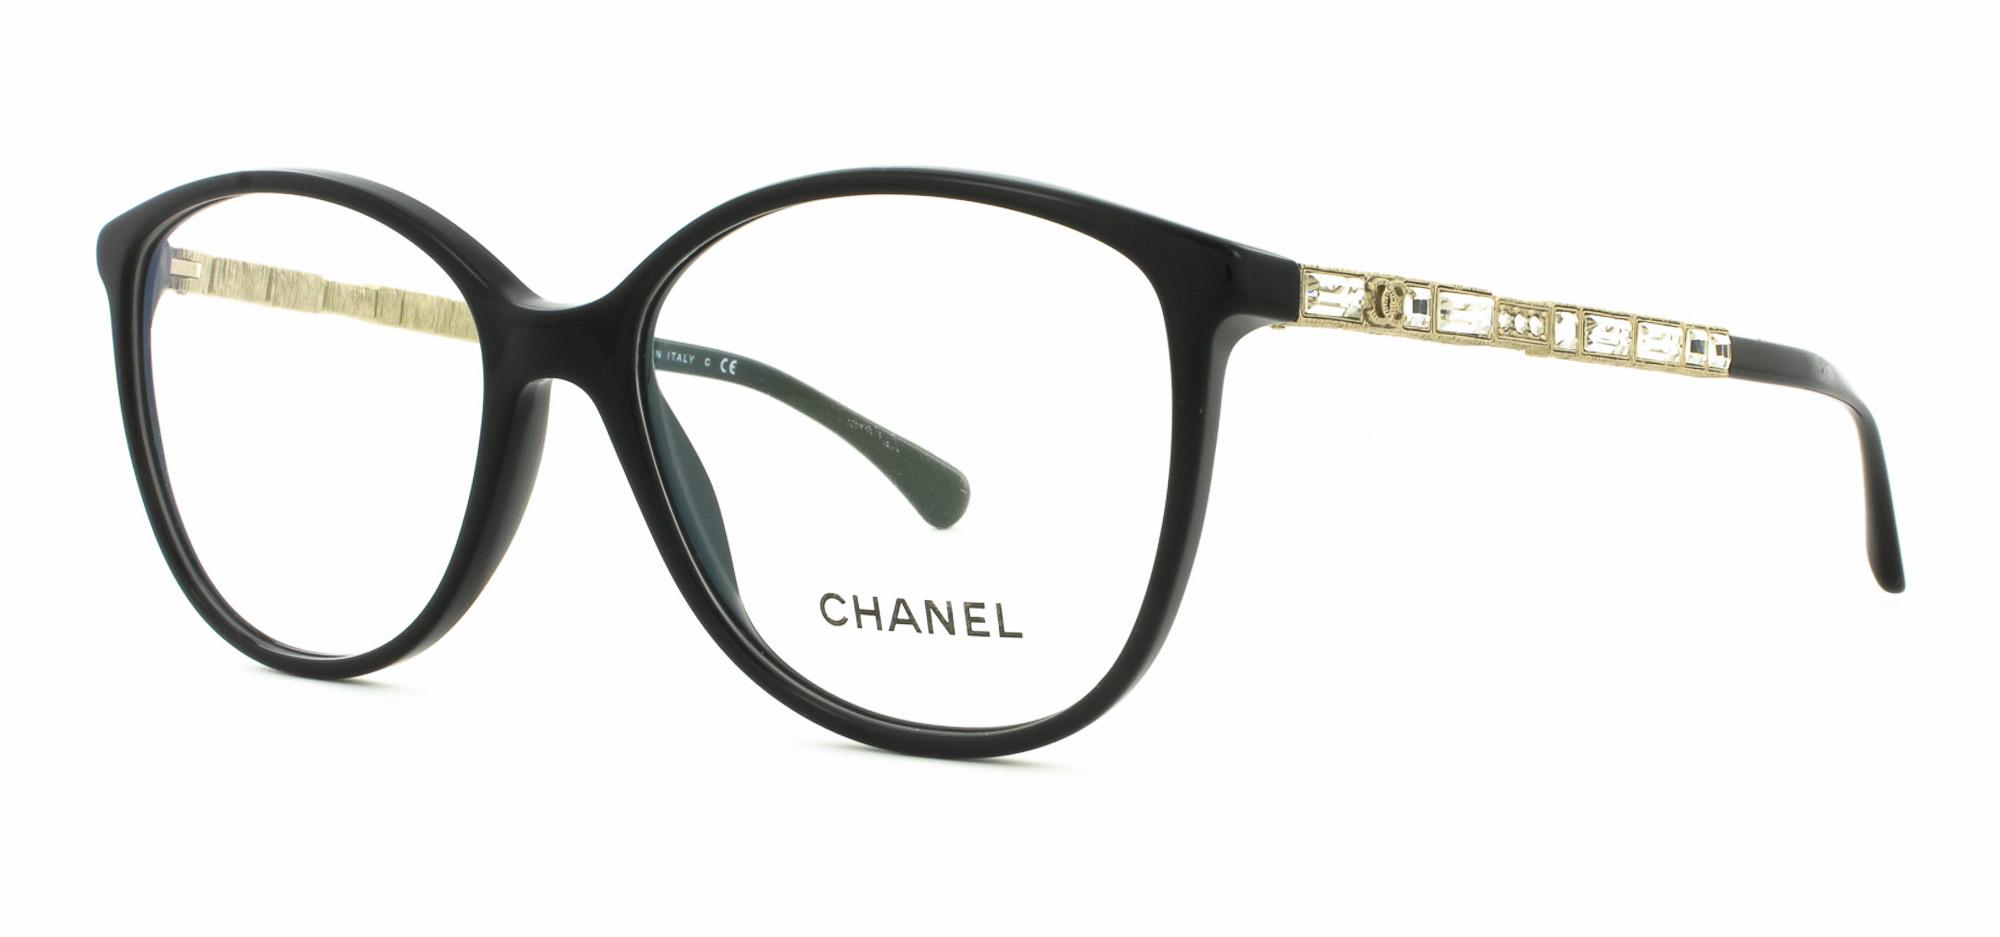 Chanel Eyeglasses - Affordable Designer Eyeglasses